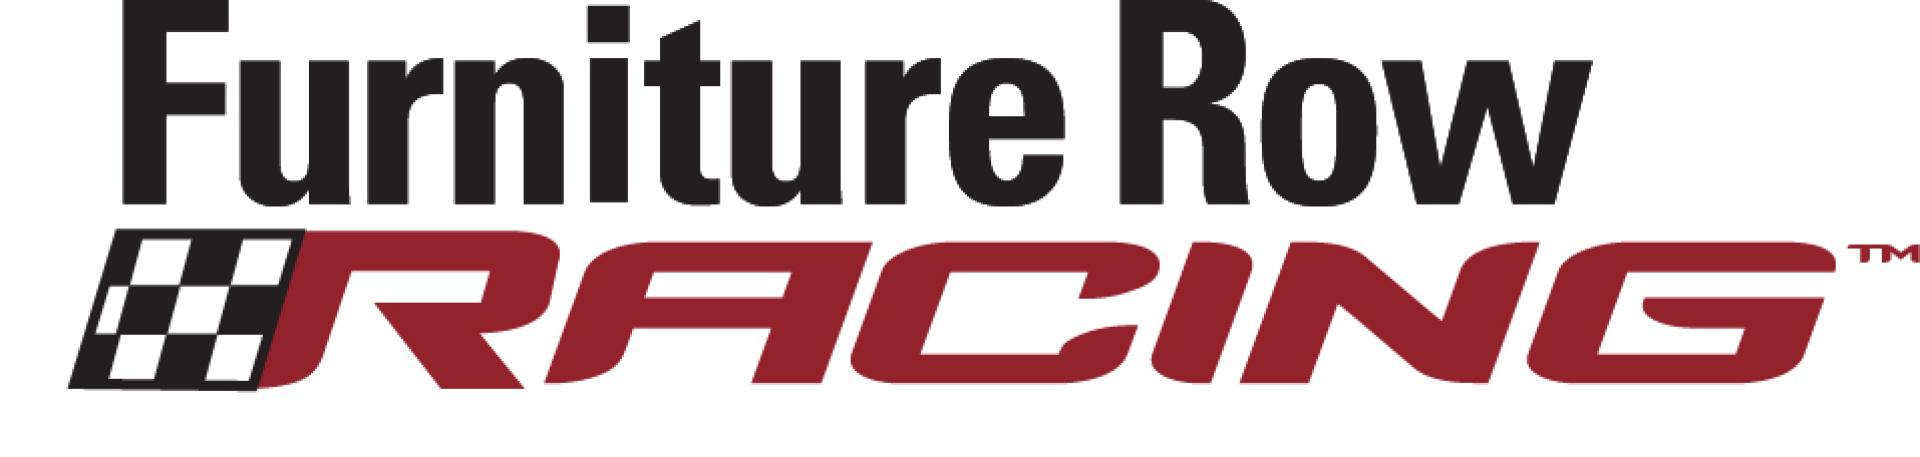 furniture row racing. furniture row racing logo a